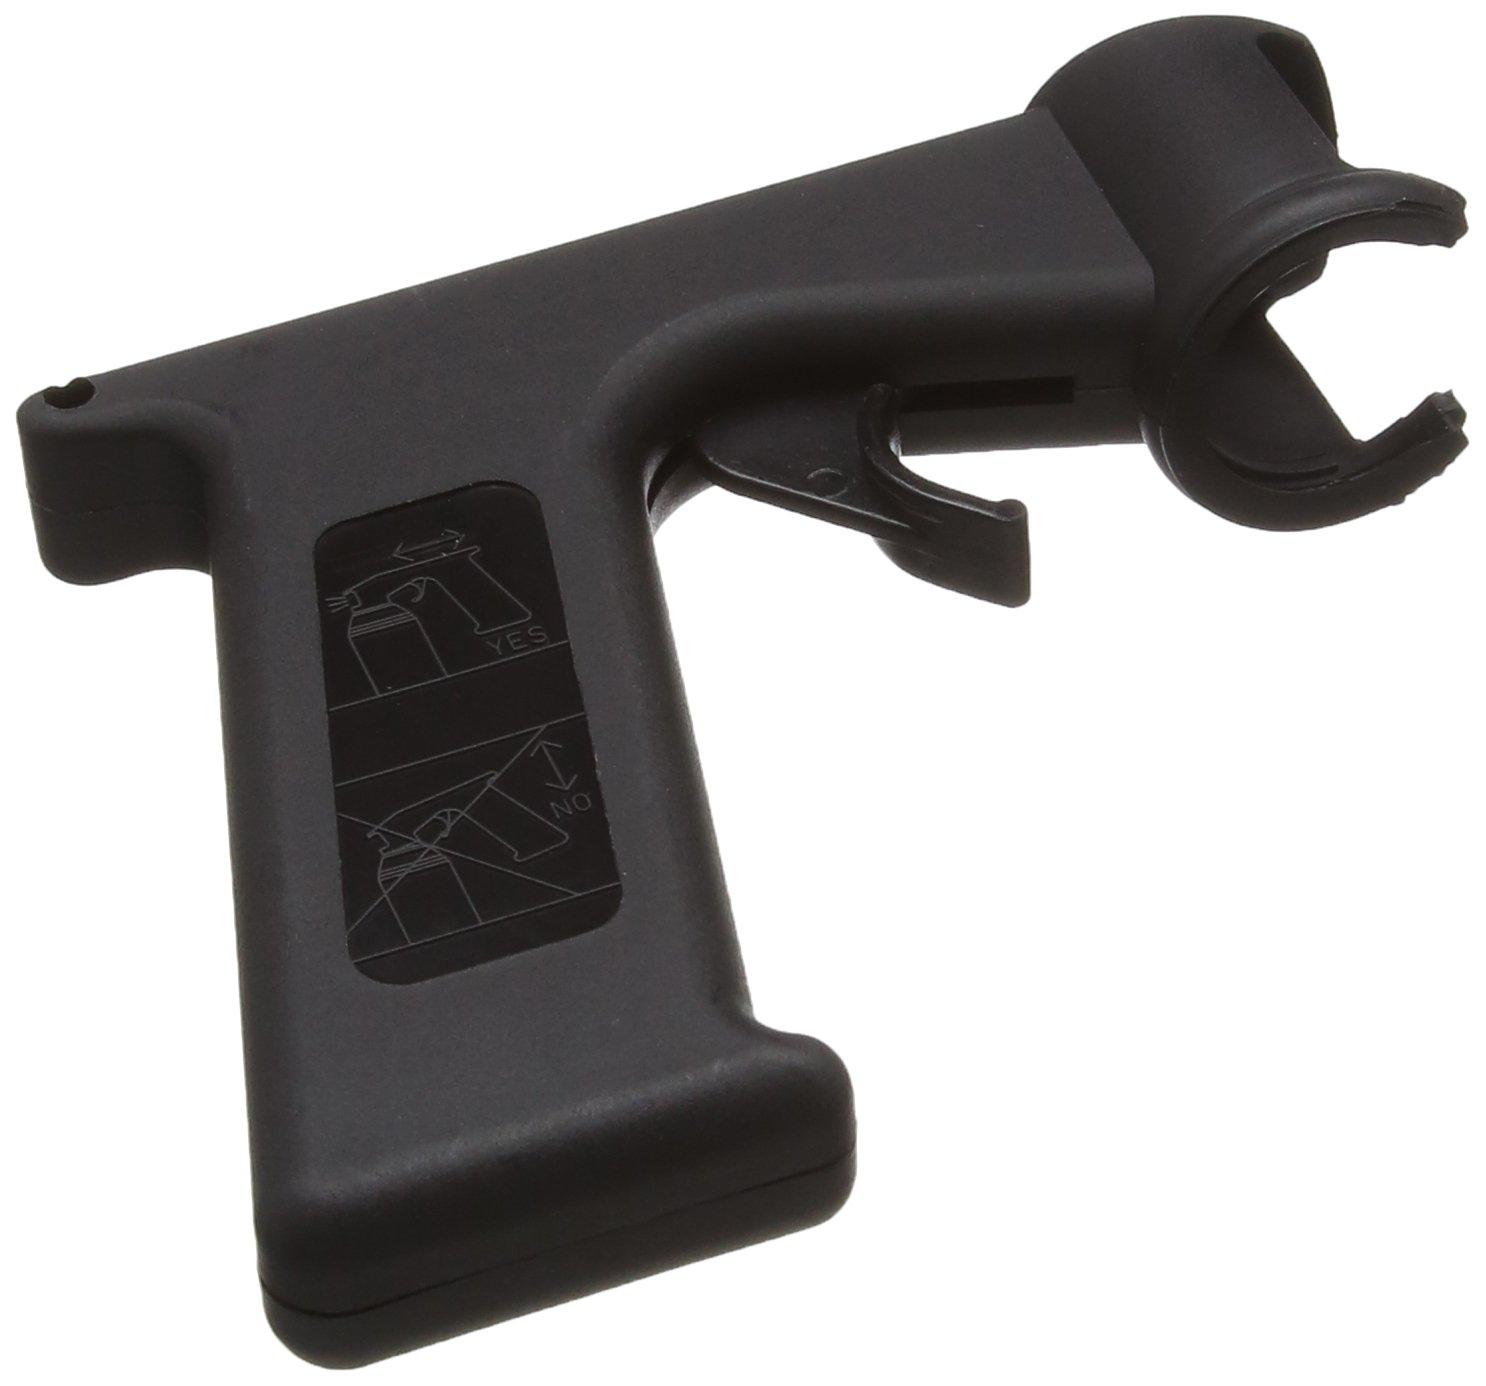 Plasti-Kote Pkt6506 - Pistola Per Bombolette Spray Con Grilletto APT0737-APE